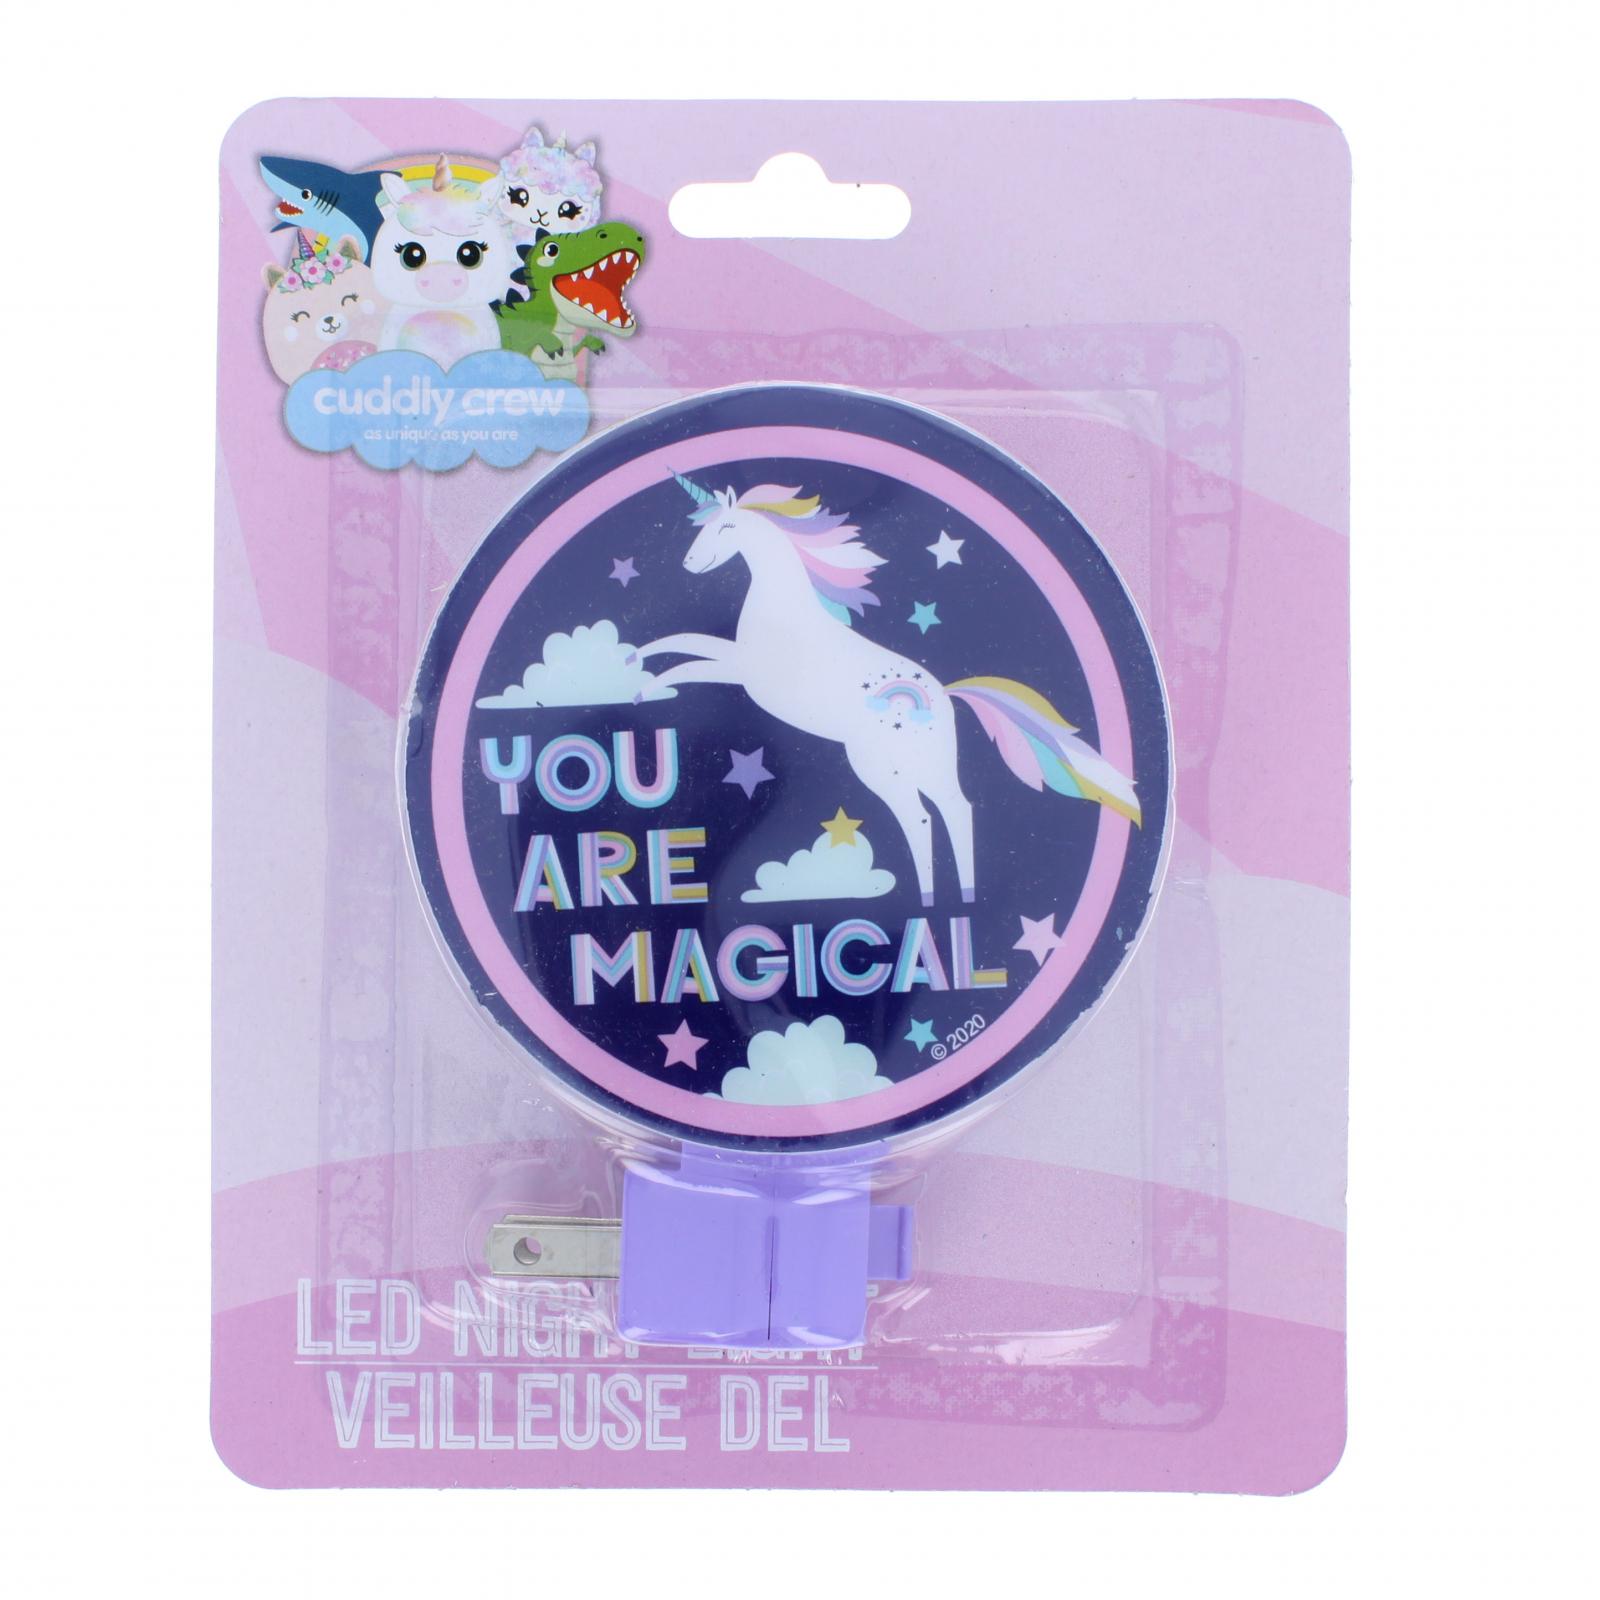 Unicorn Kids Adjustable Rotary Plug-in Night Light